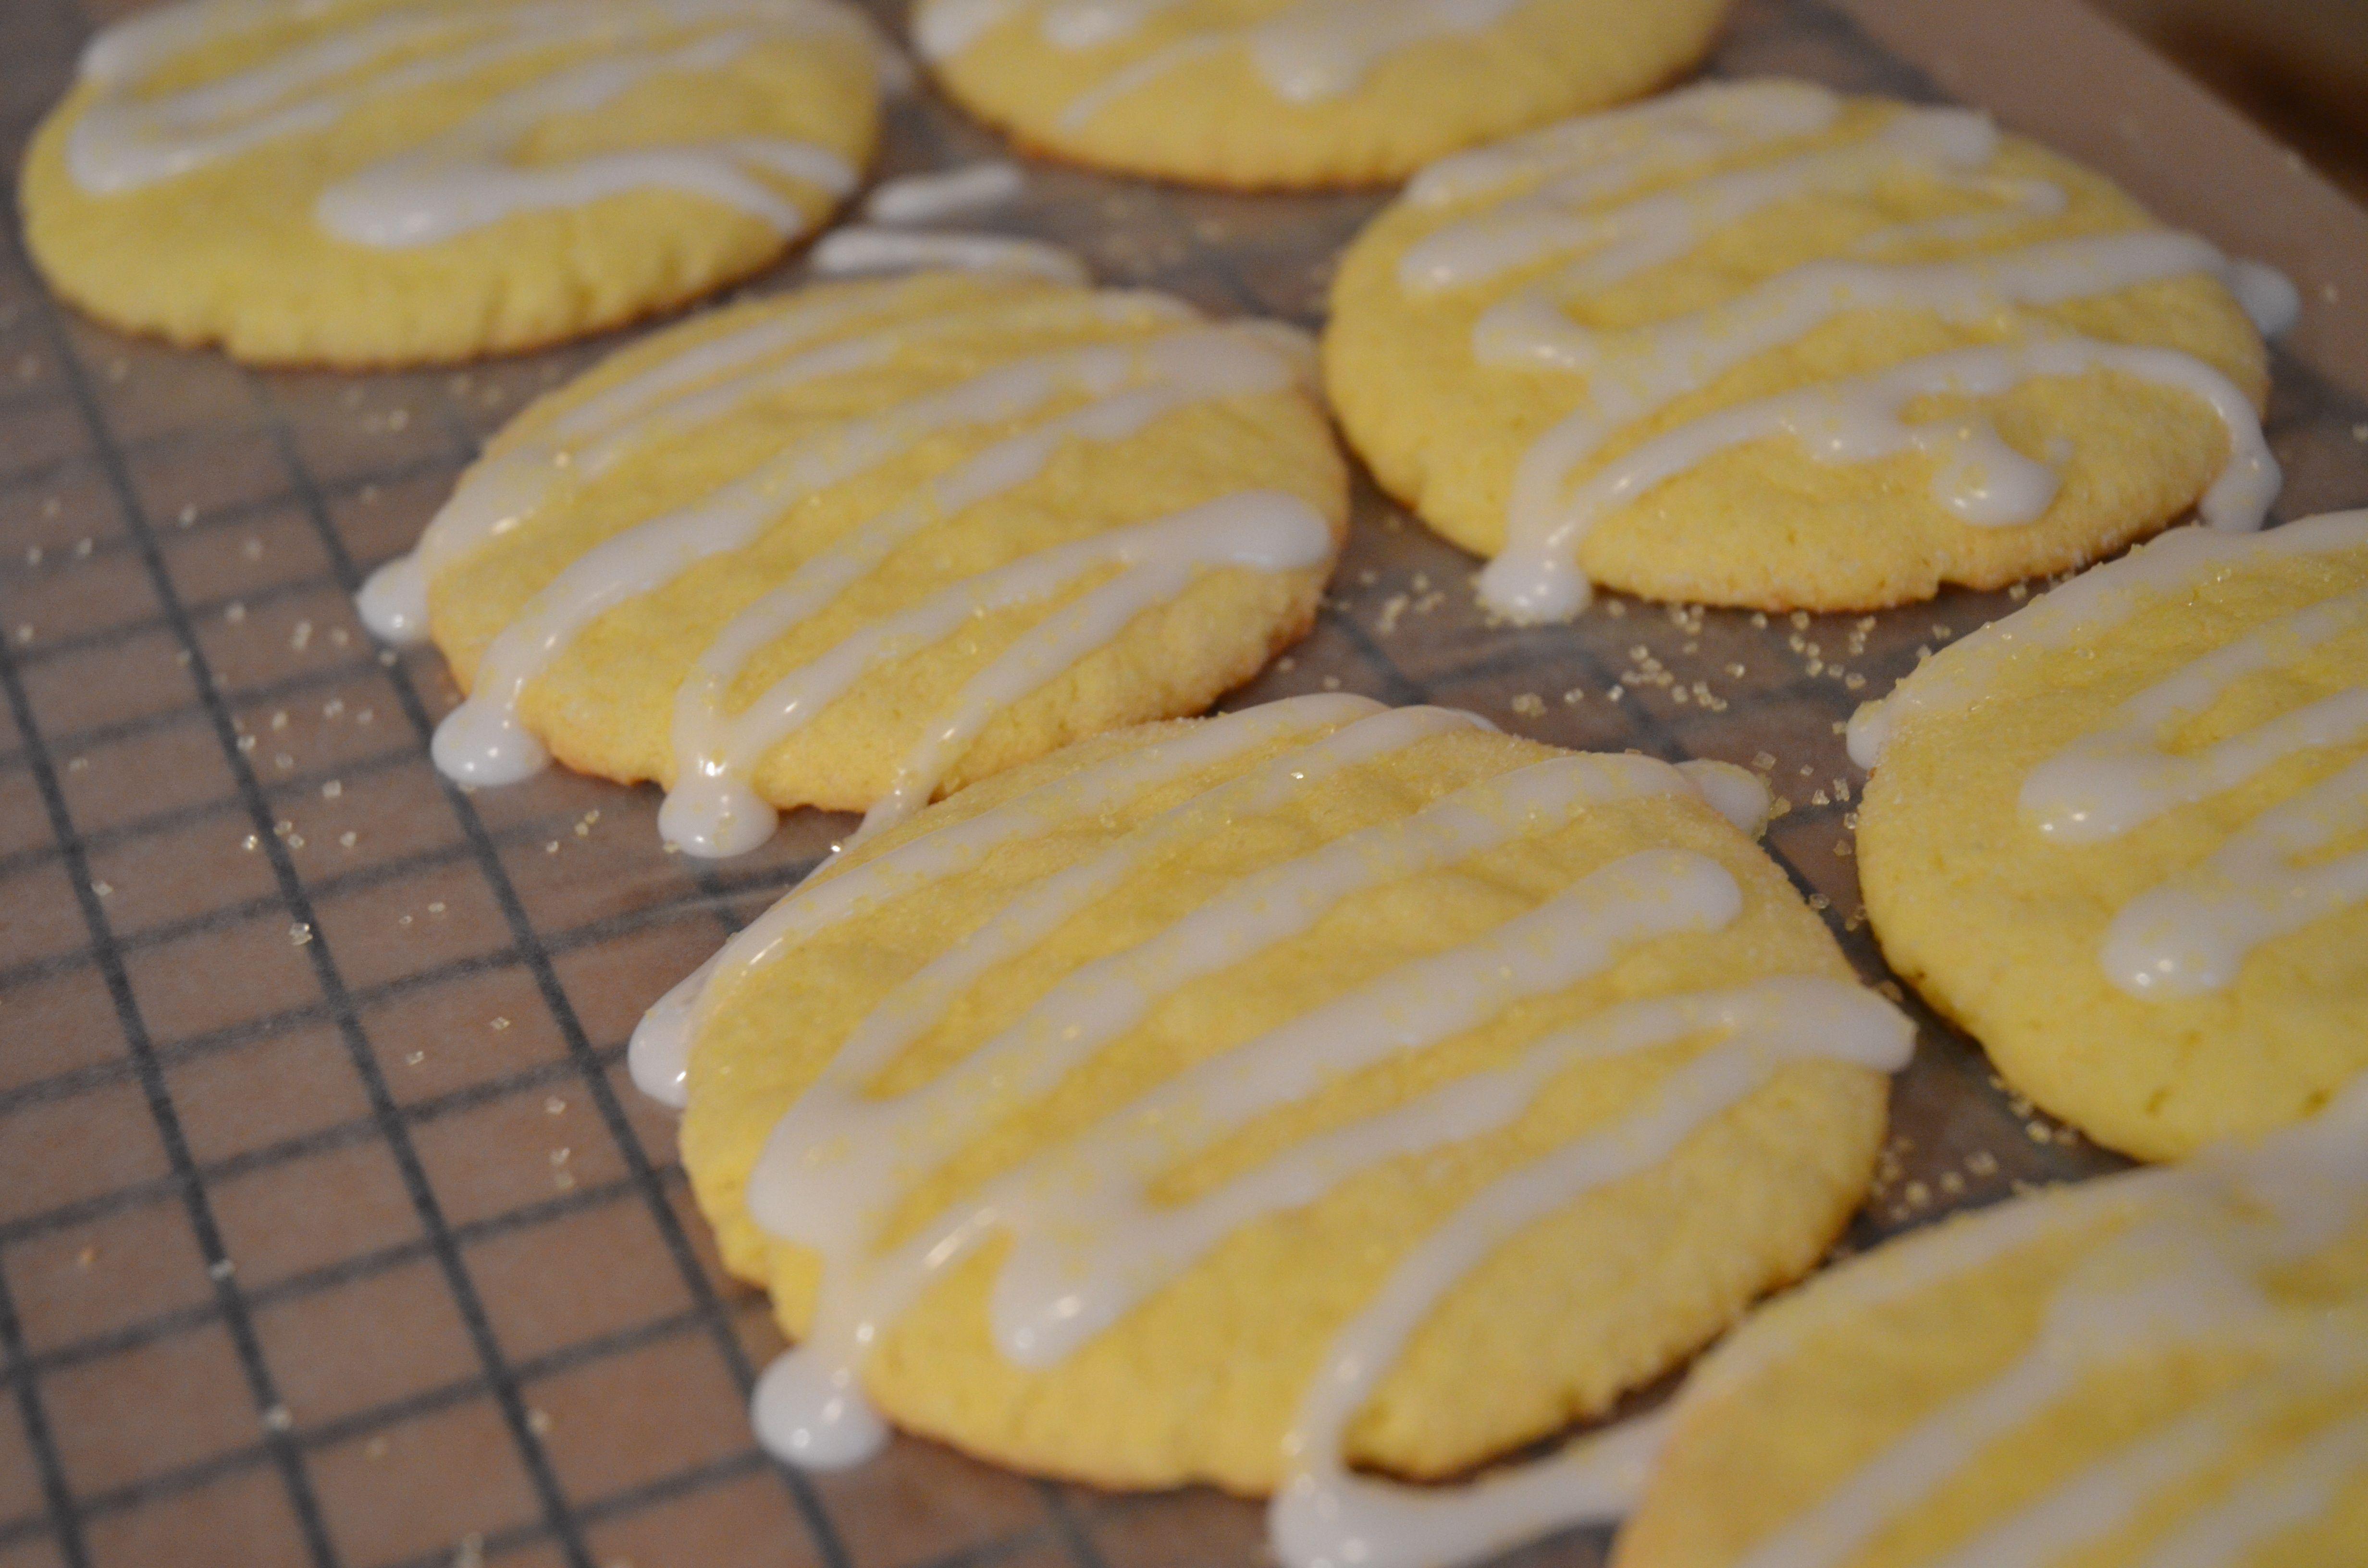 Pillsbury Yellow Cake Mix Cookies